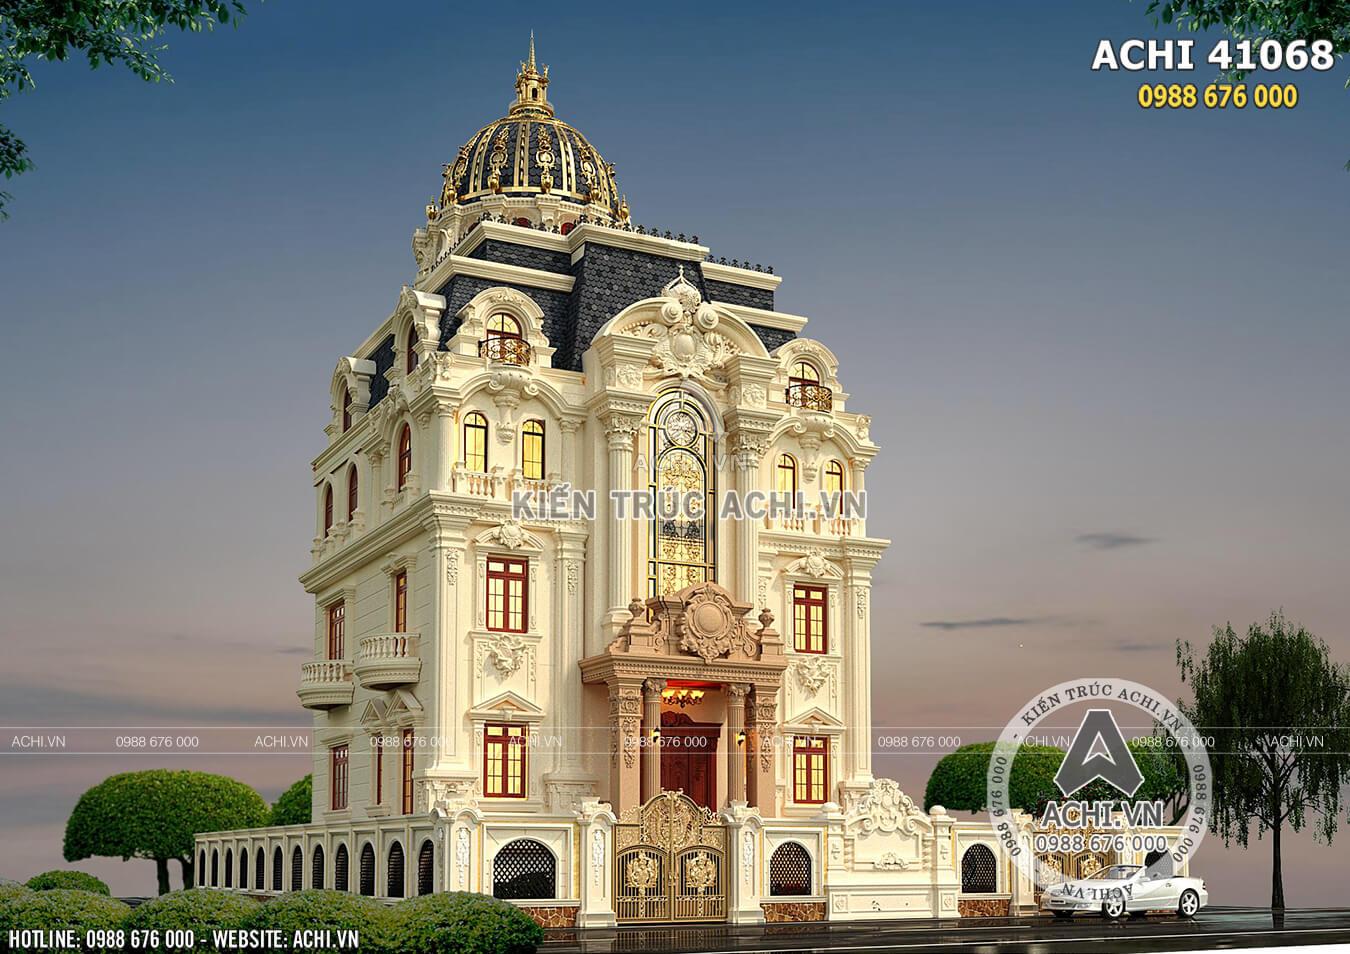 Biệt thự lâu đài tân cổ điển 4 tầng đẹp tại Quảng Ninh - ACHI 41068